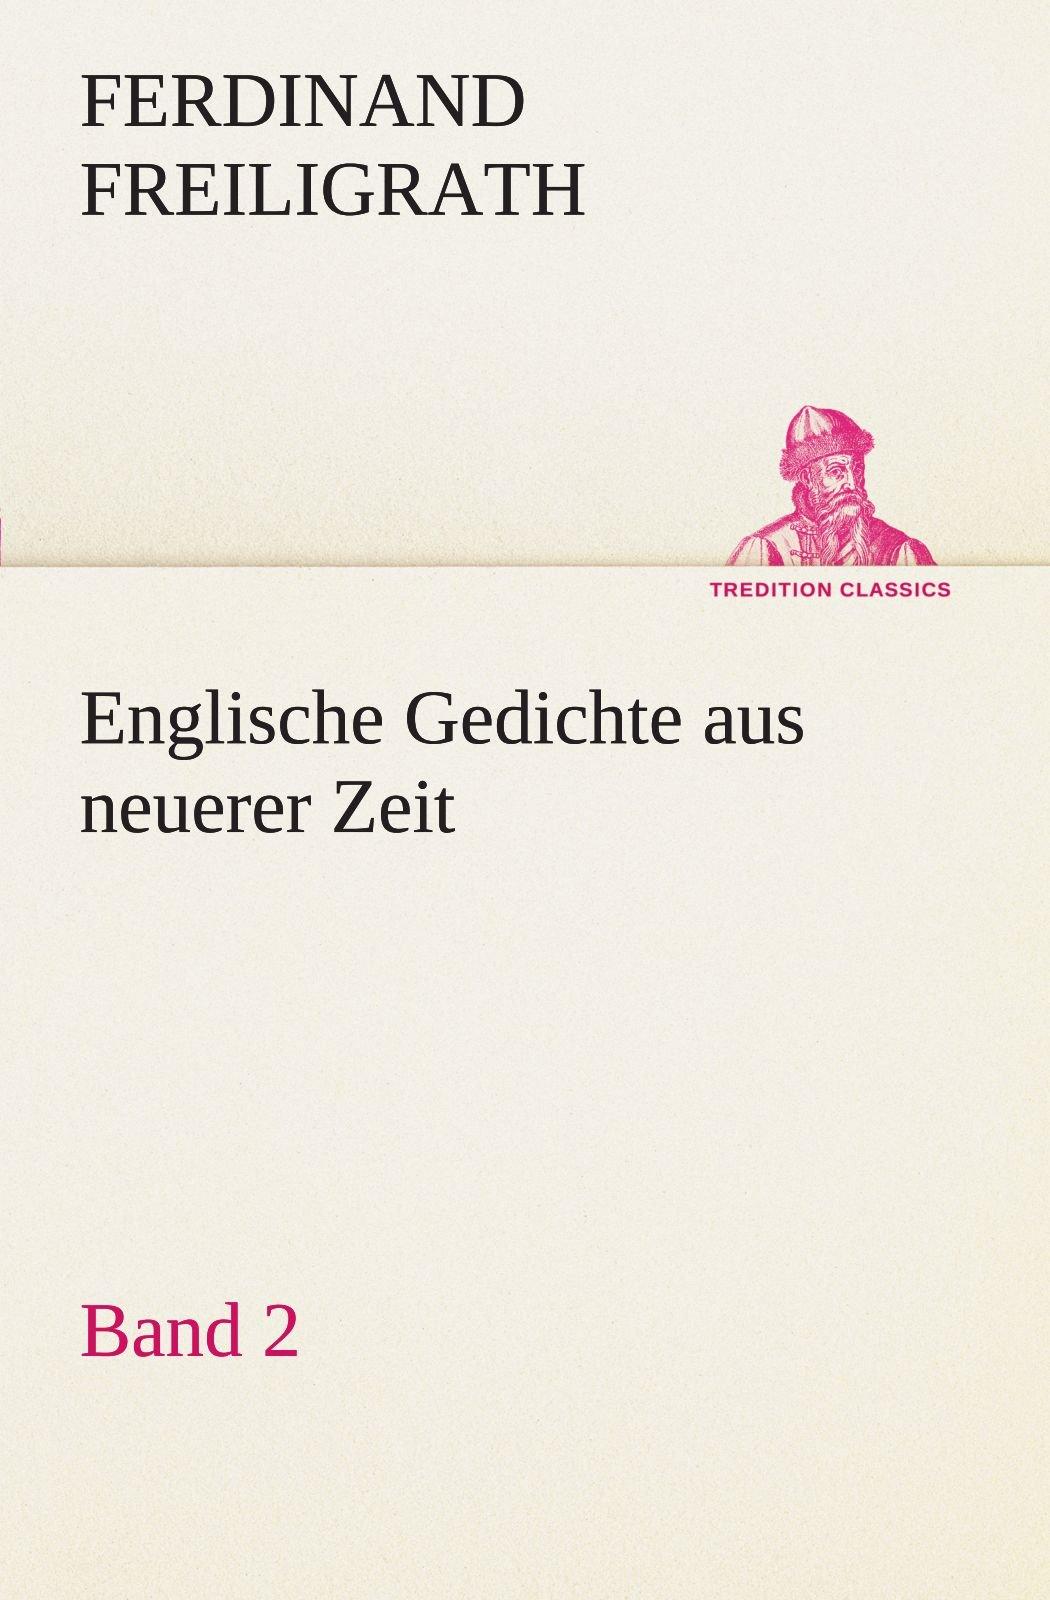 Englische Gedichte aus neuerer Zeit 2 (TREDITION CLASSICS) (German Edition) pdf